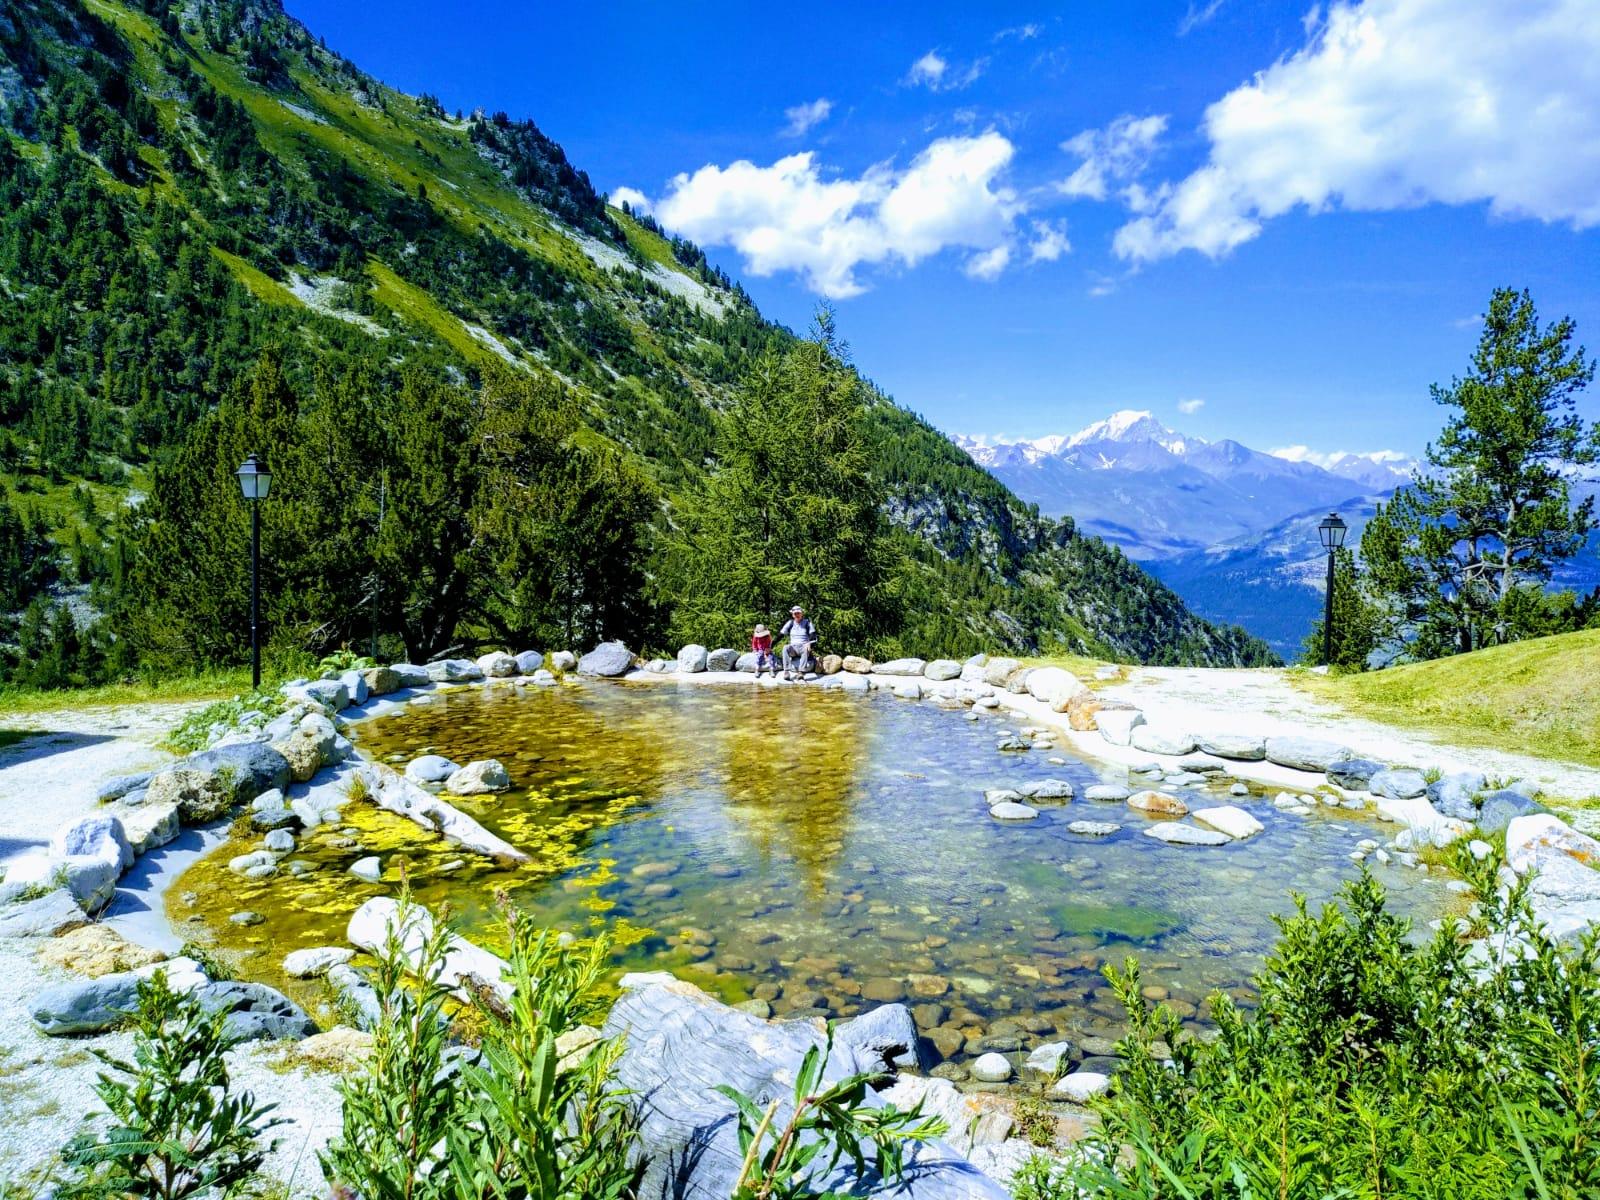 אגם באלפים הצרפתיים